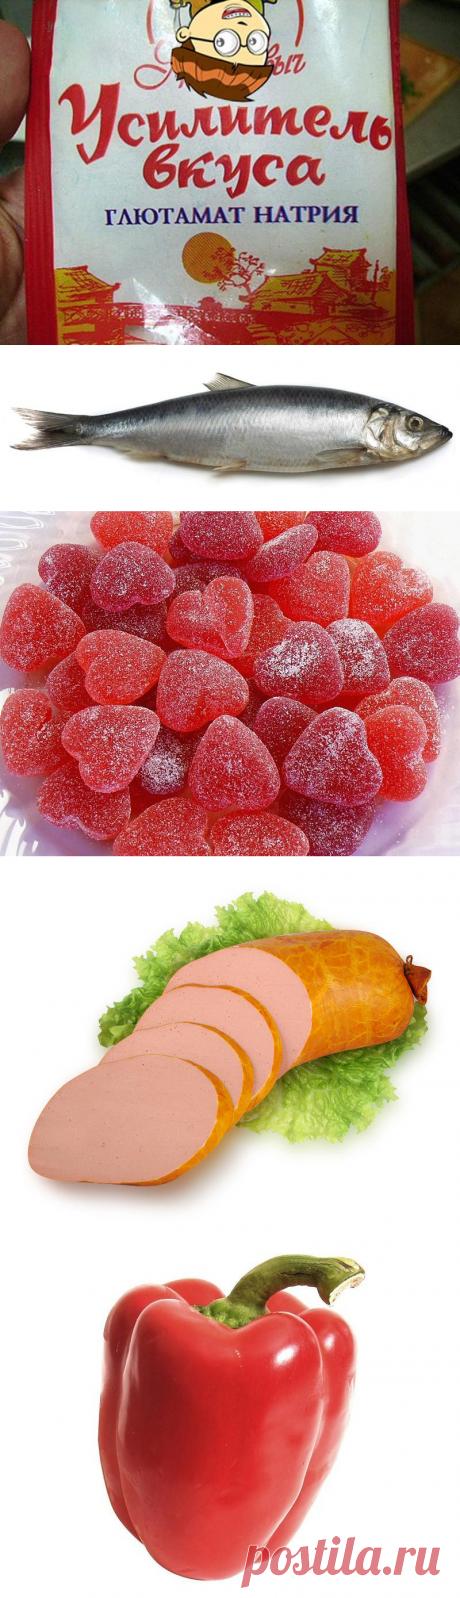 Вредные продукты и добавки — Делимся советами